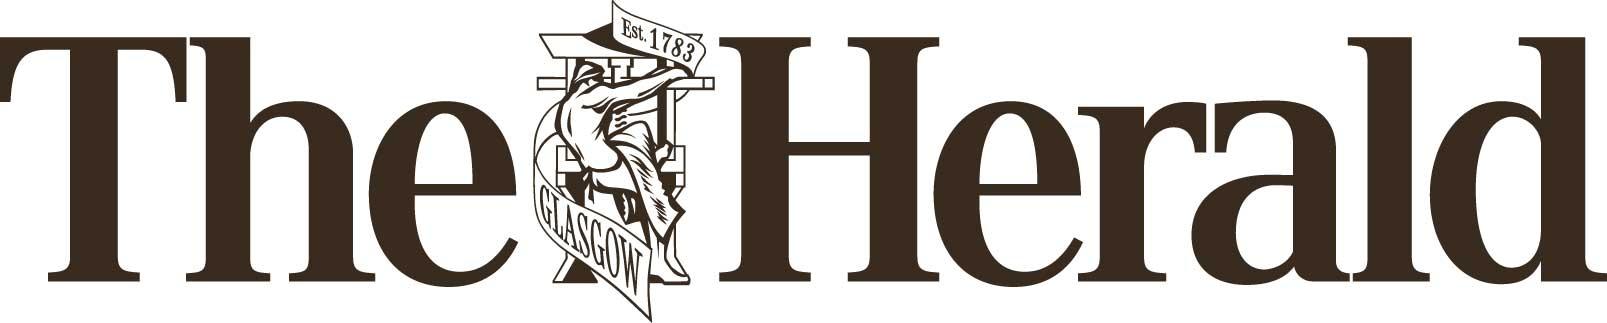 herald_logo_bow